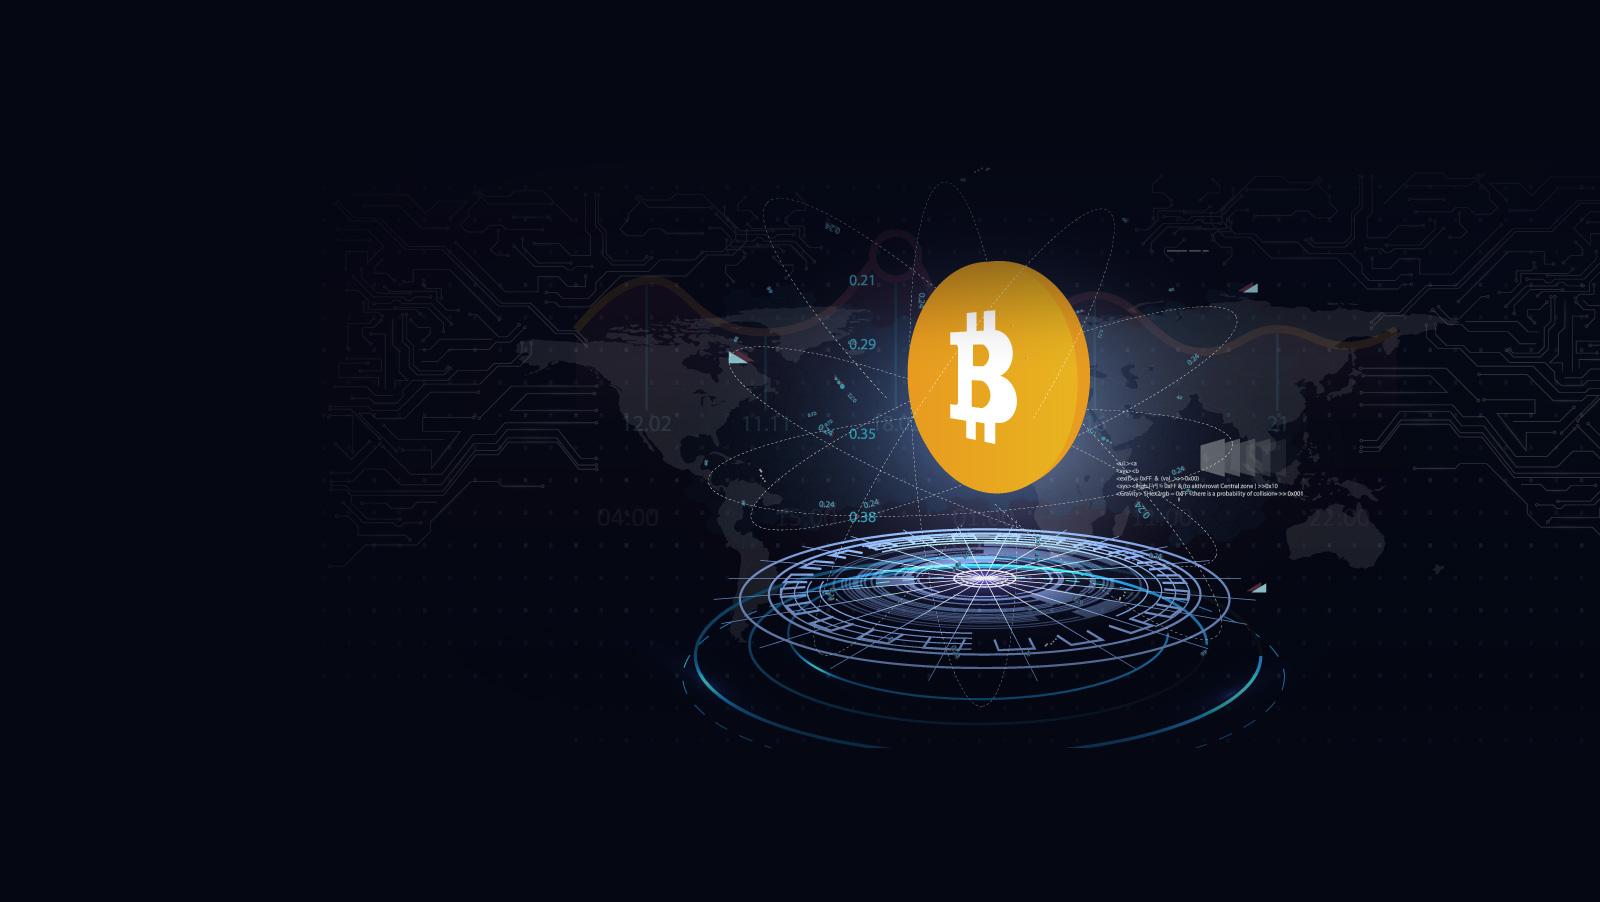 Bitcoin casino bitcoin slot Spiele kostenlos online